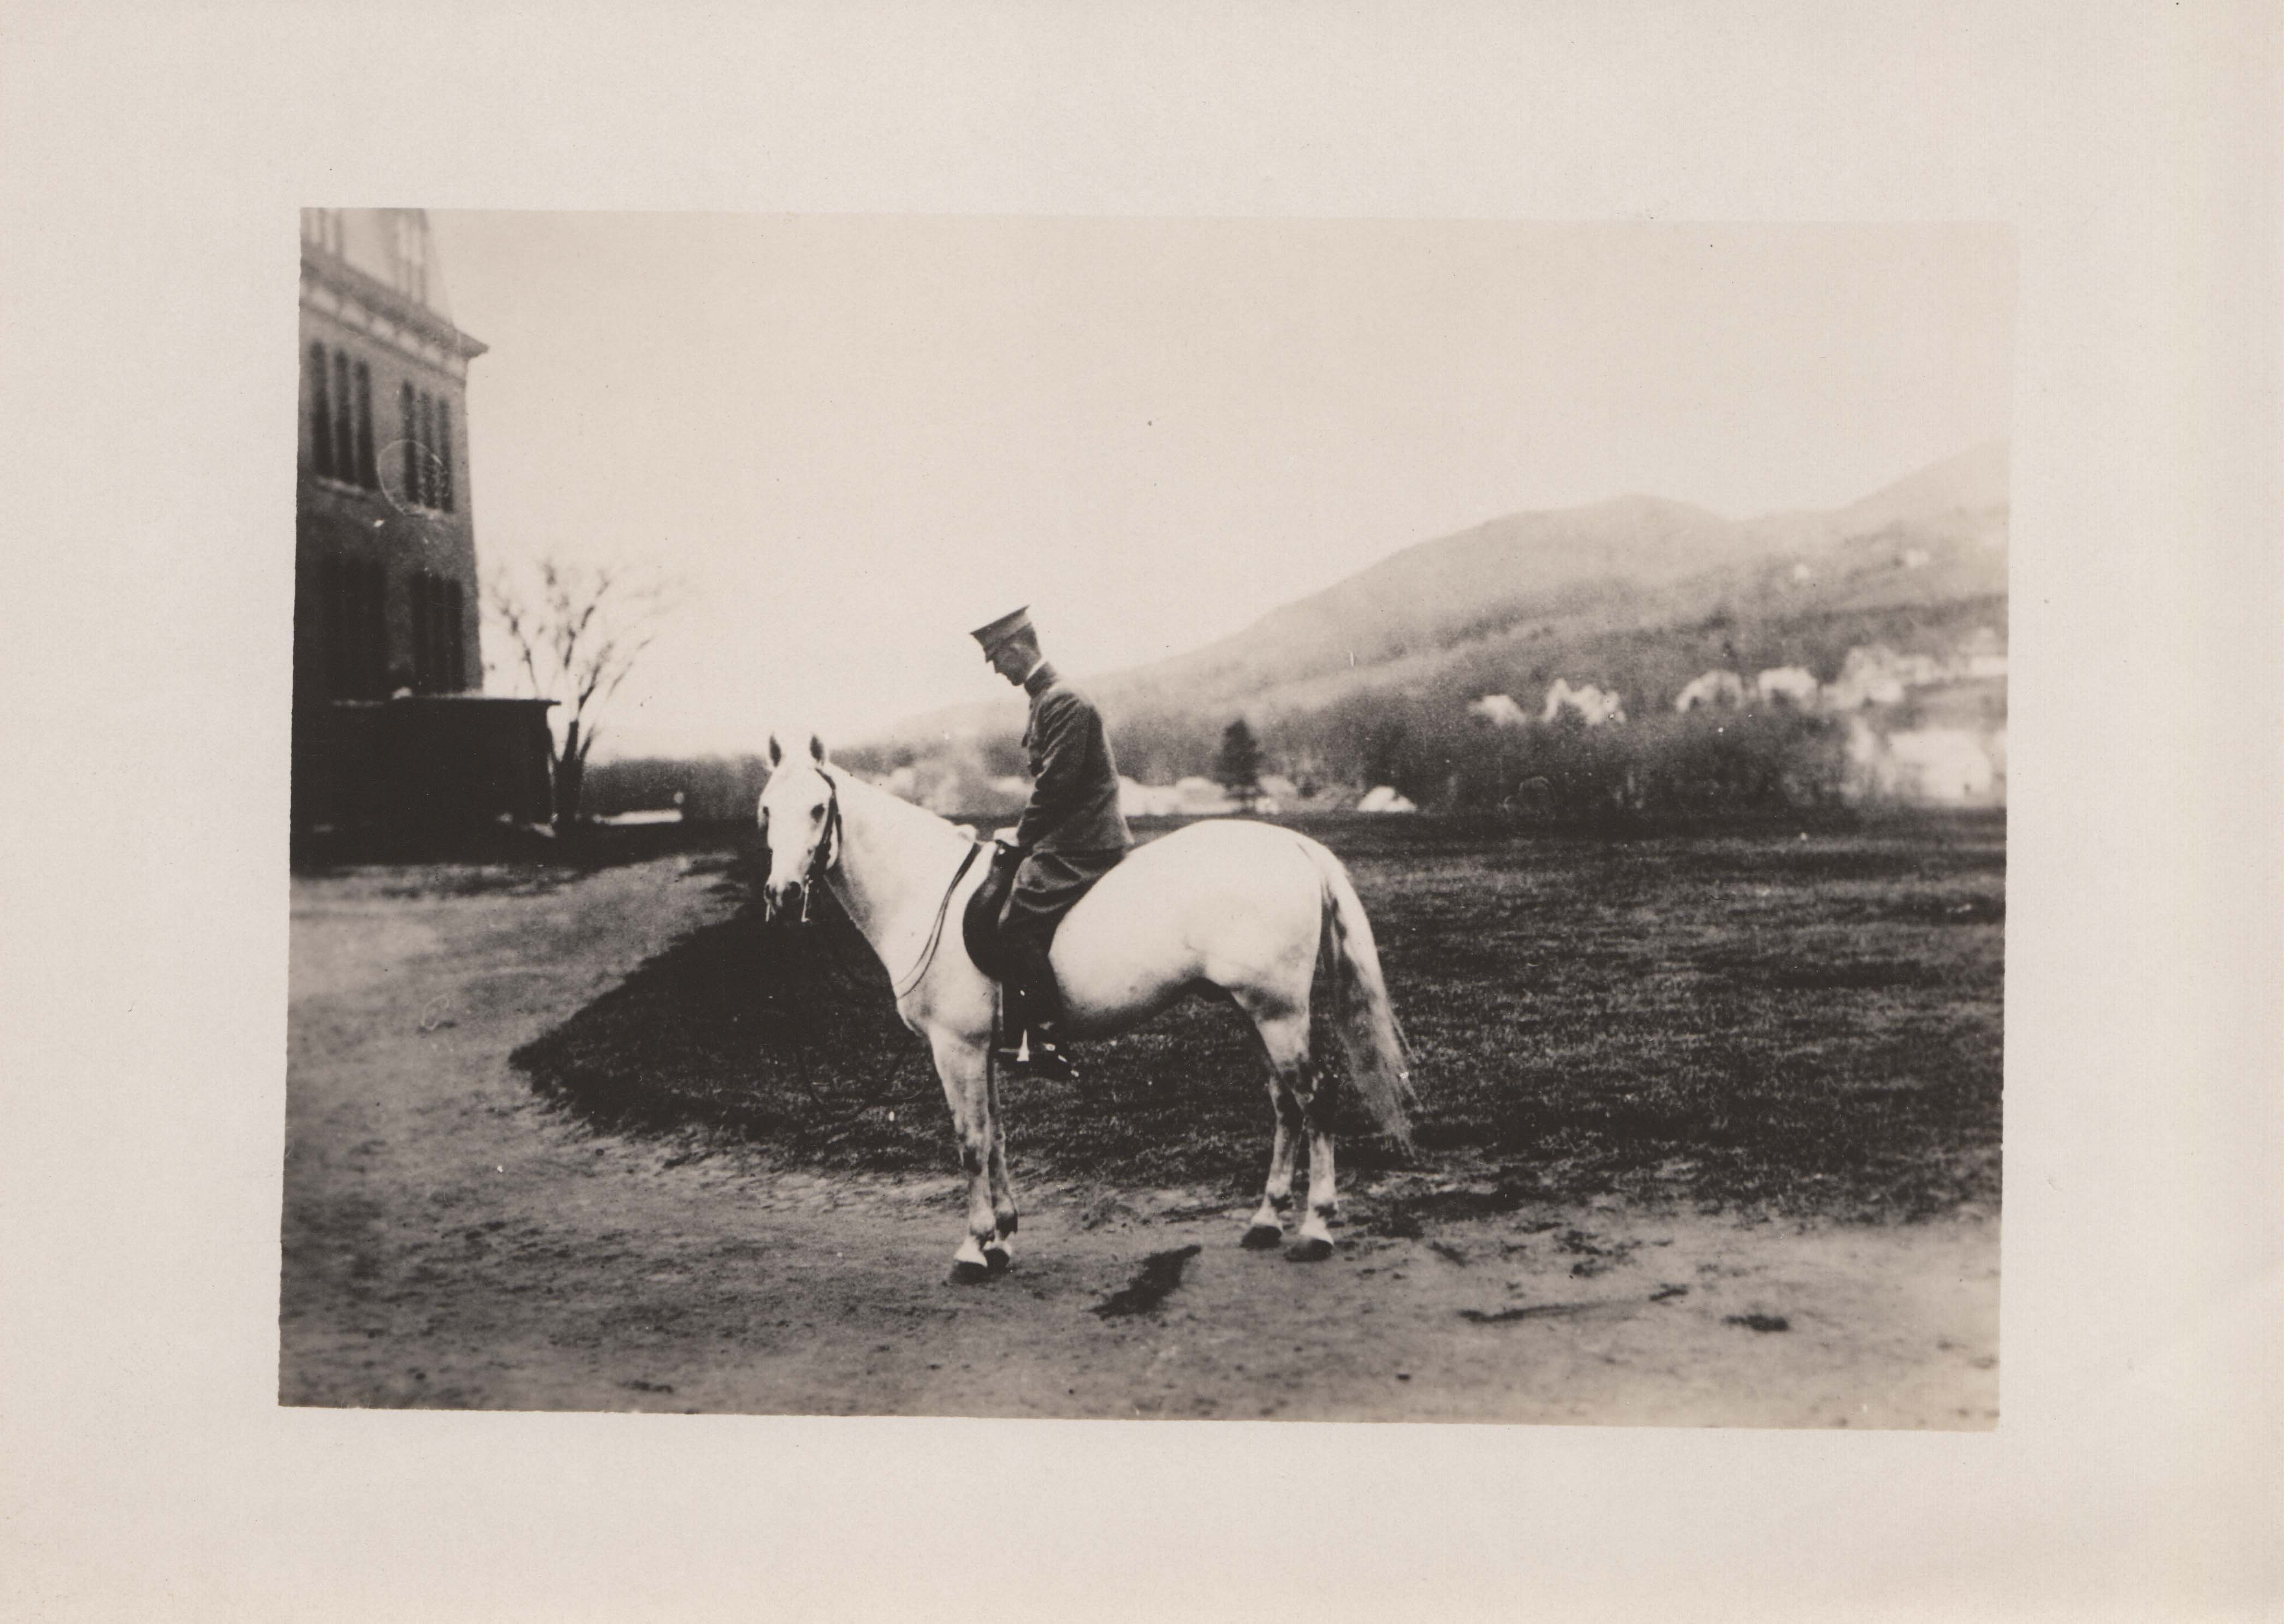 0197 Man on White Horse